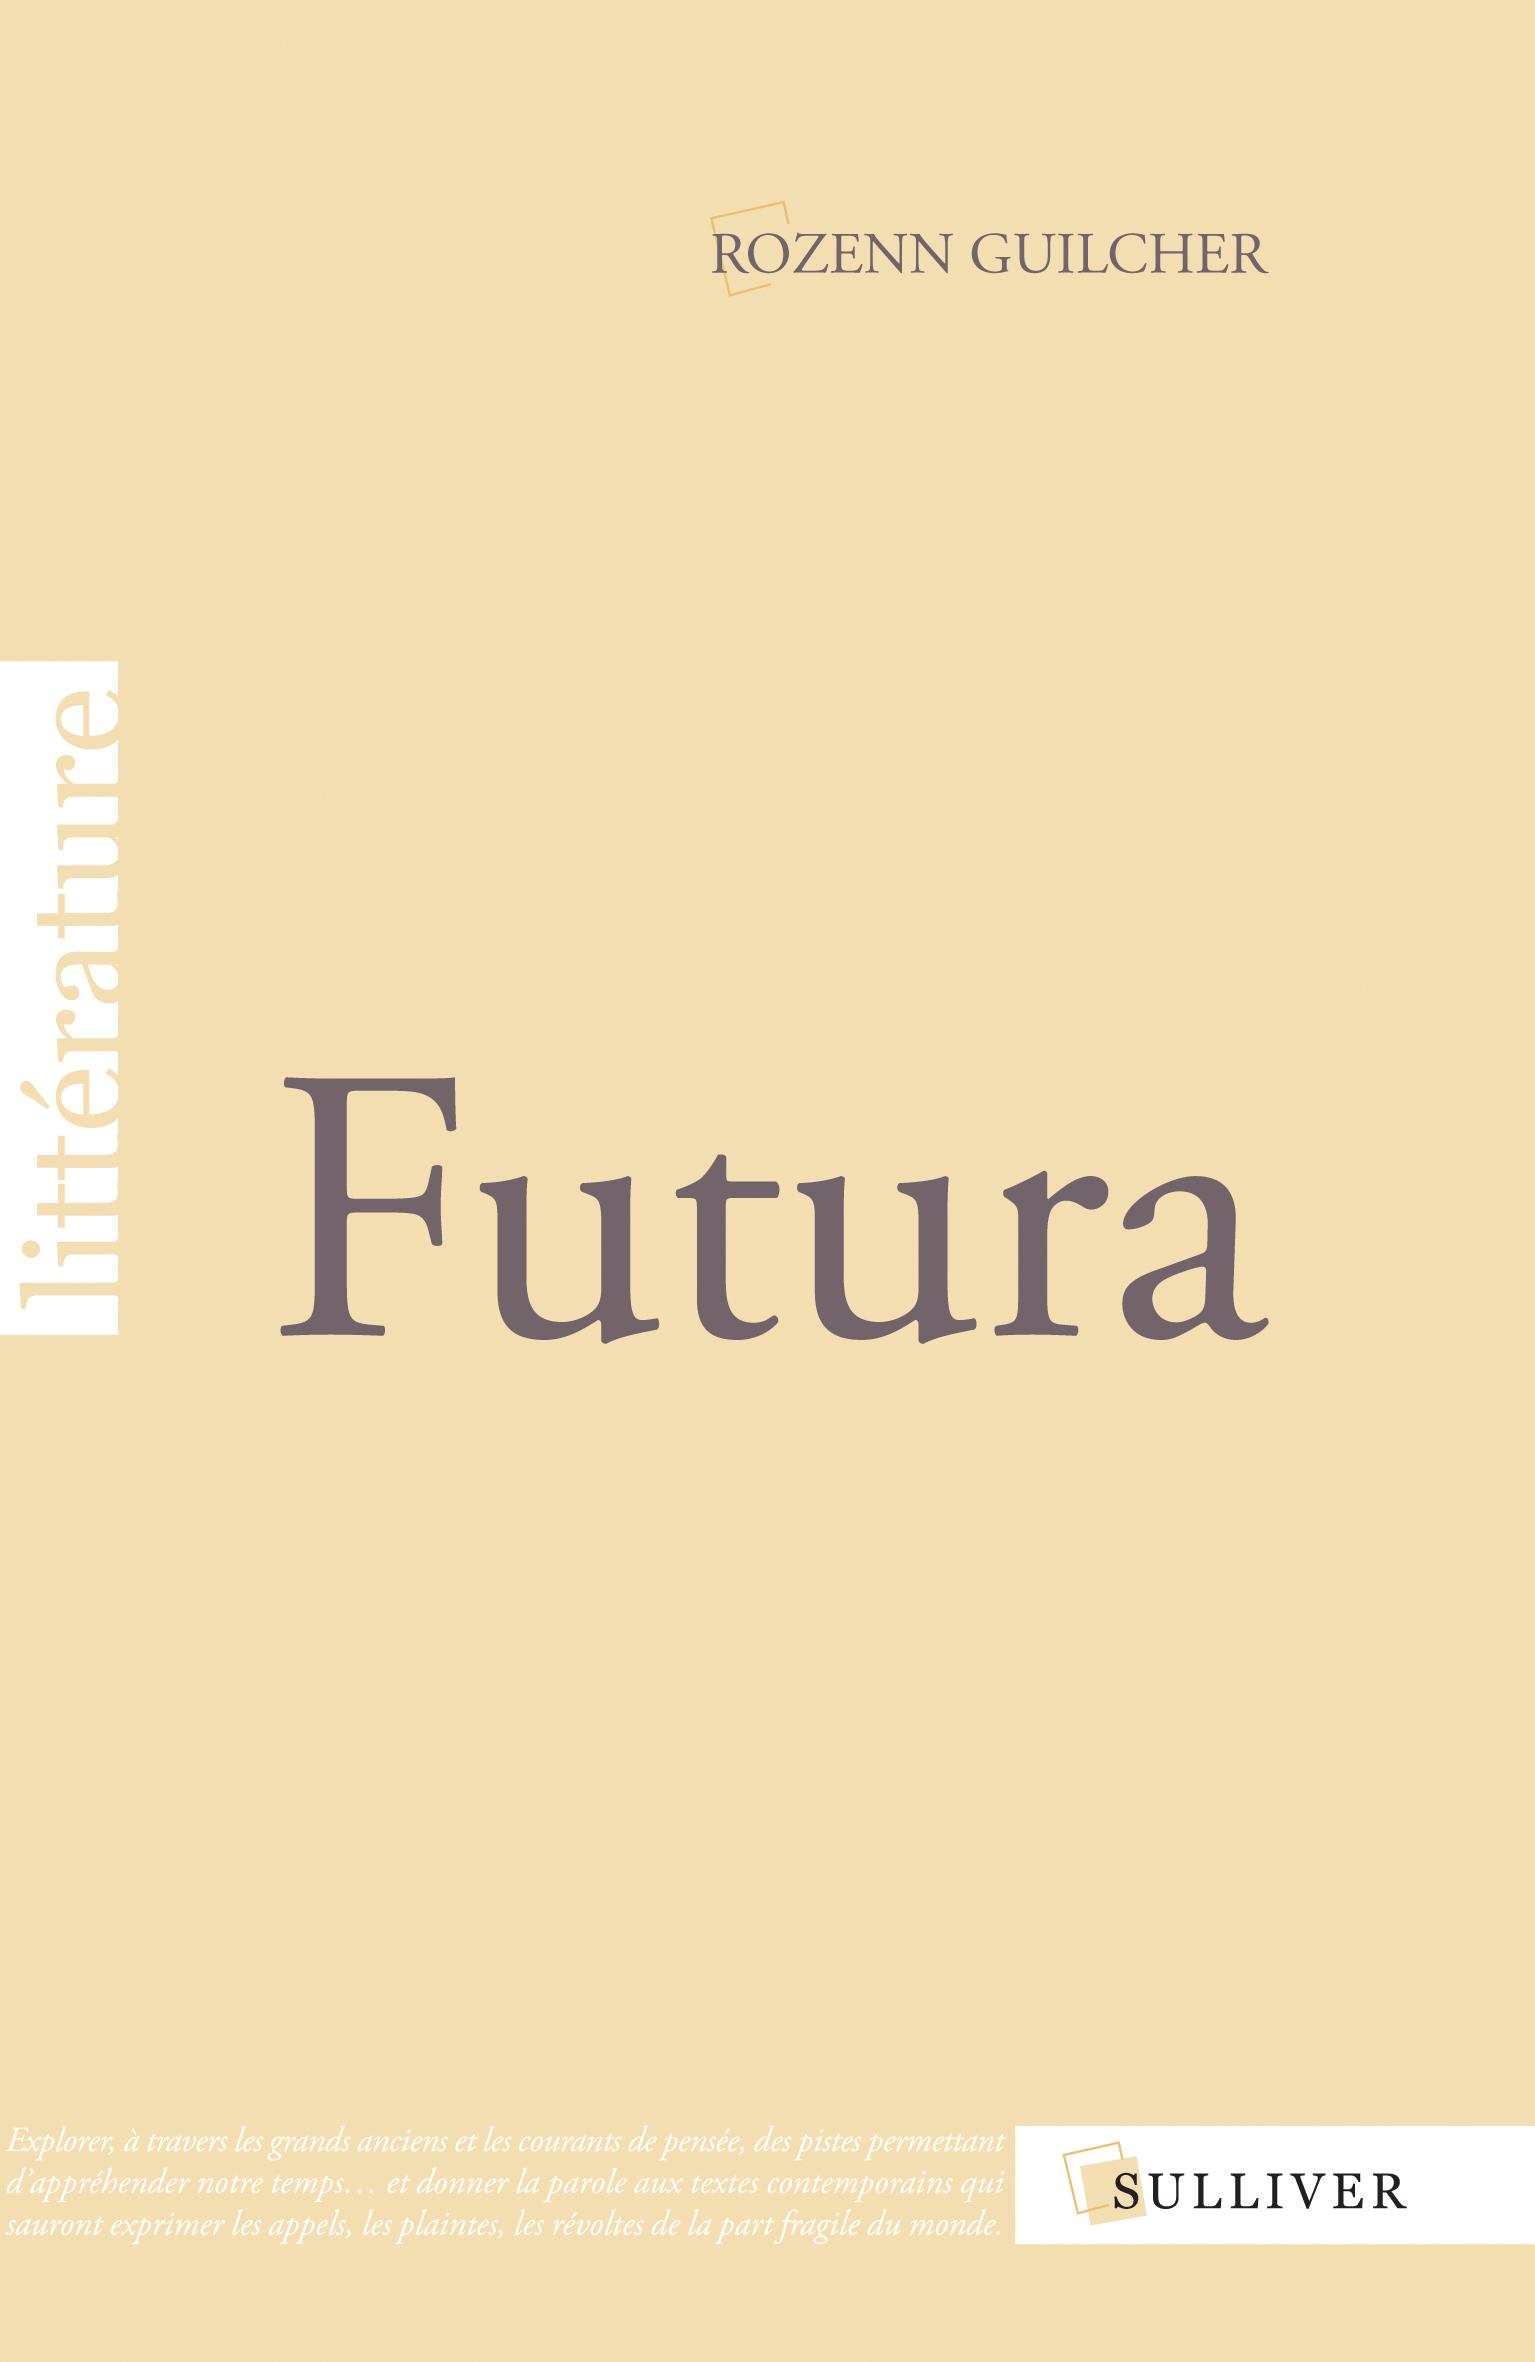 Livre Futura Rozenn Guilcher